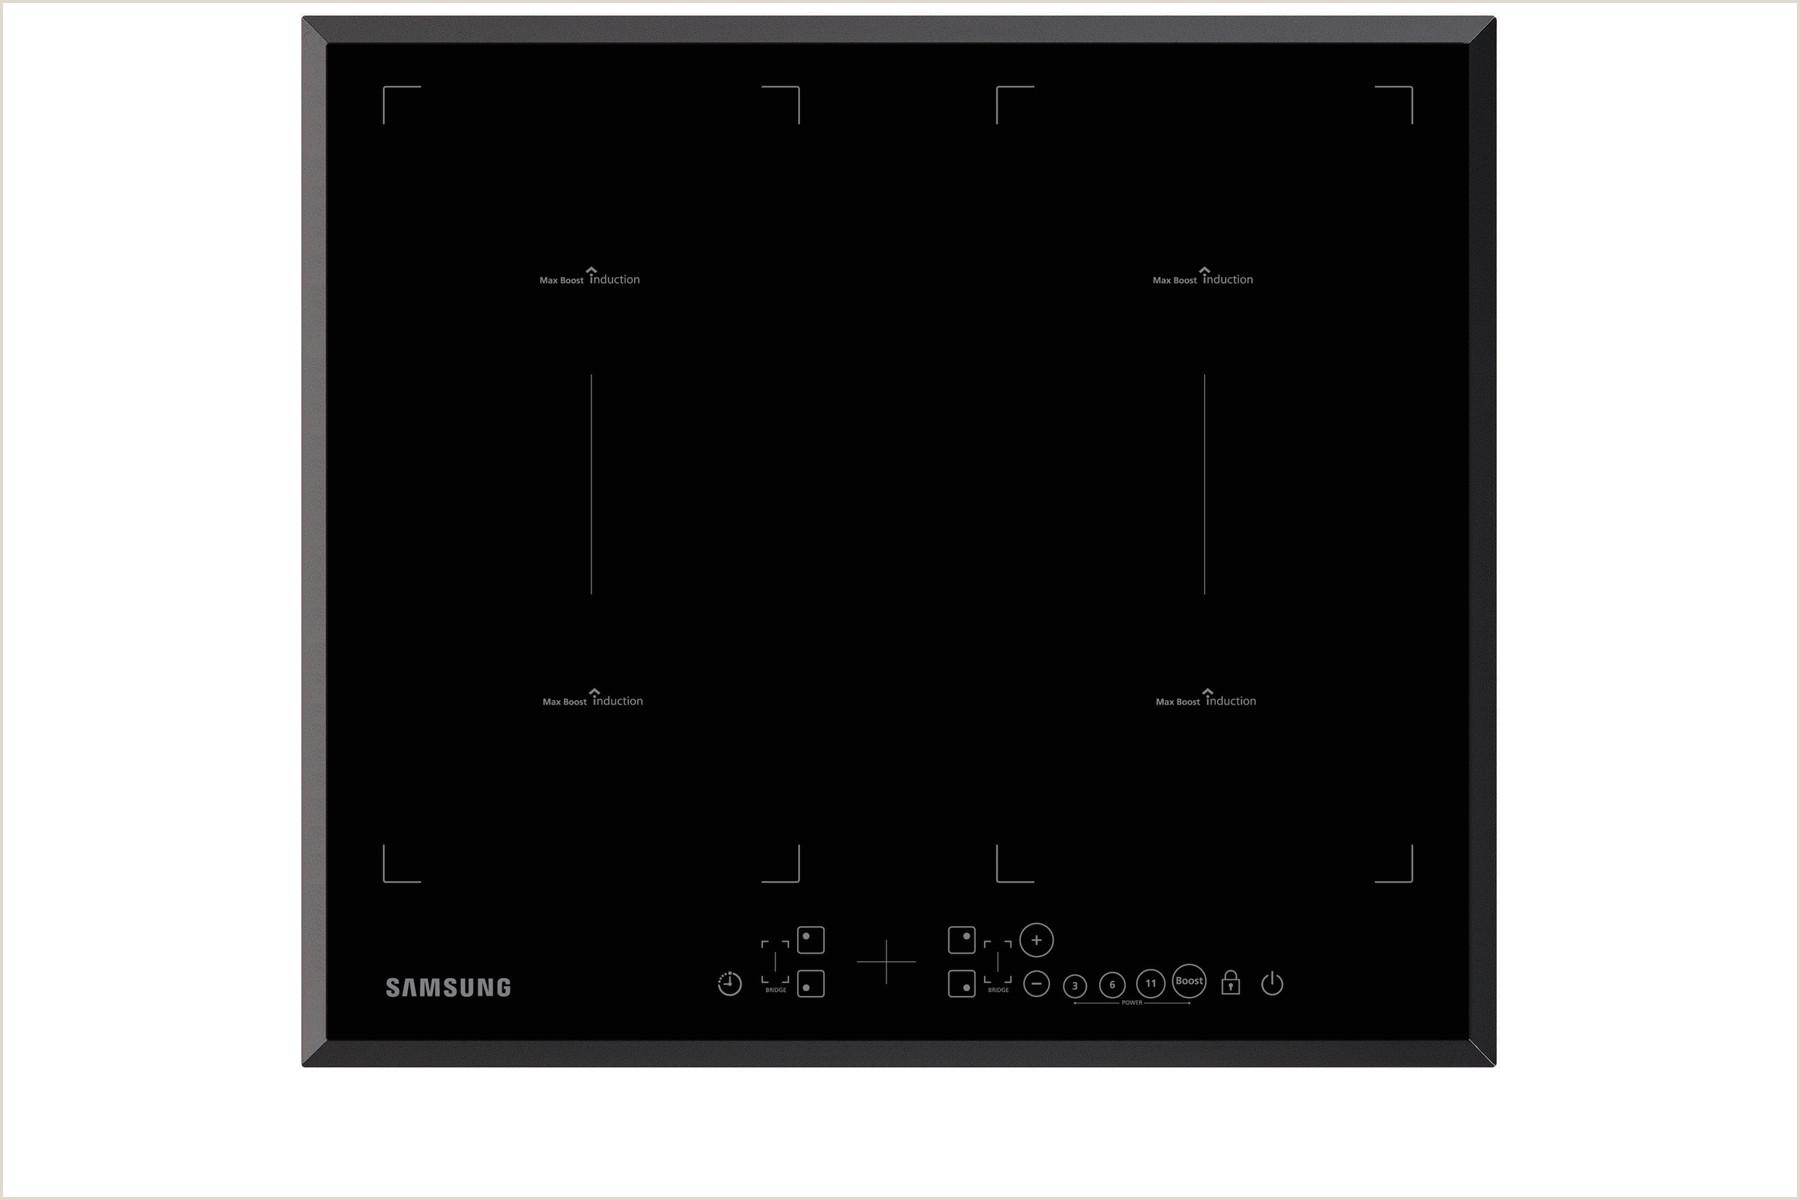 Samsung Electroménager Plaque de cuisson Table induction 2